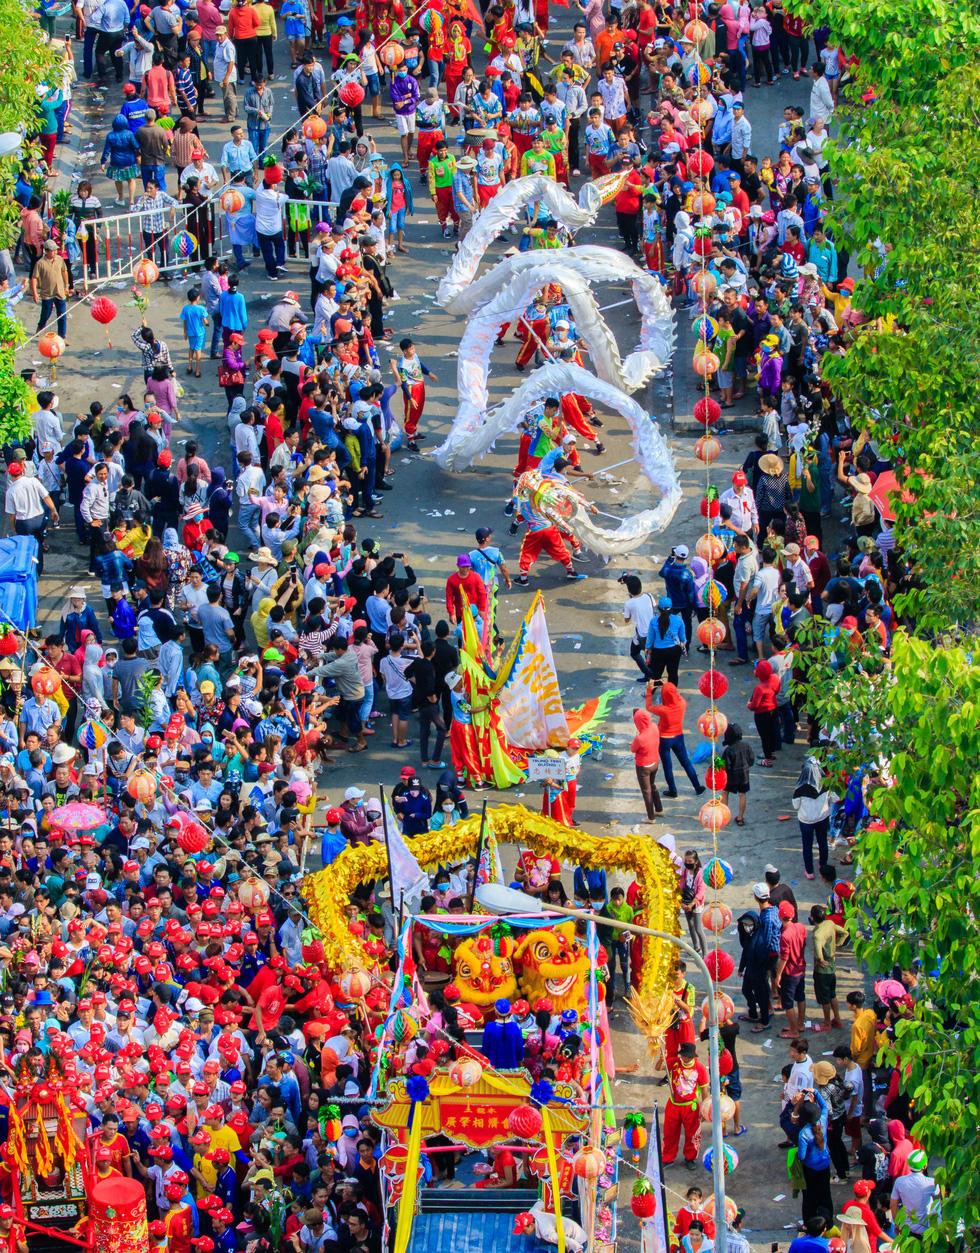 Nét đẹp lễ hội ở Thủ Dầu Một - Ảnh 5.